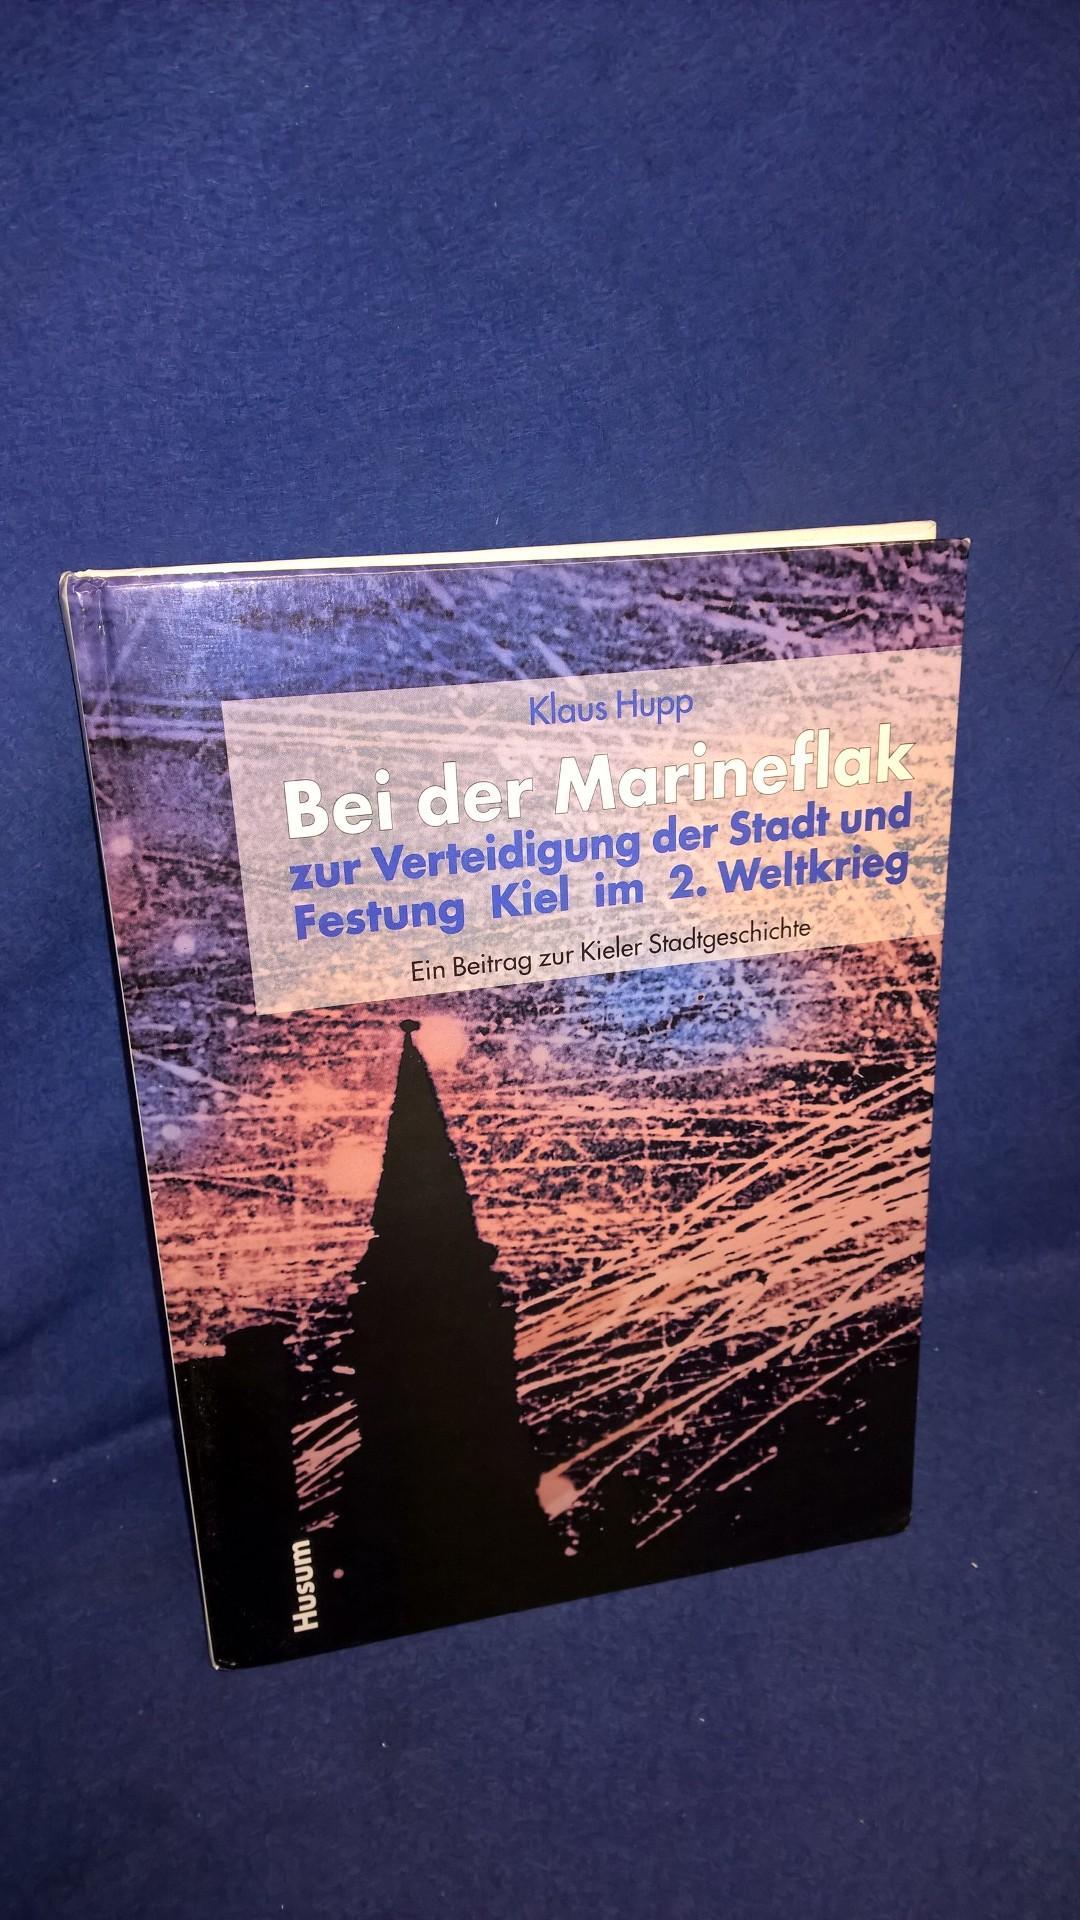 Bei der Marineflak zur Verteidigung der Stadt und Festung Kiel im 2. Weltkrieg. Ein Beitrag zur Kieler Stadtgeschichte.